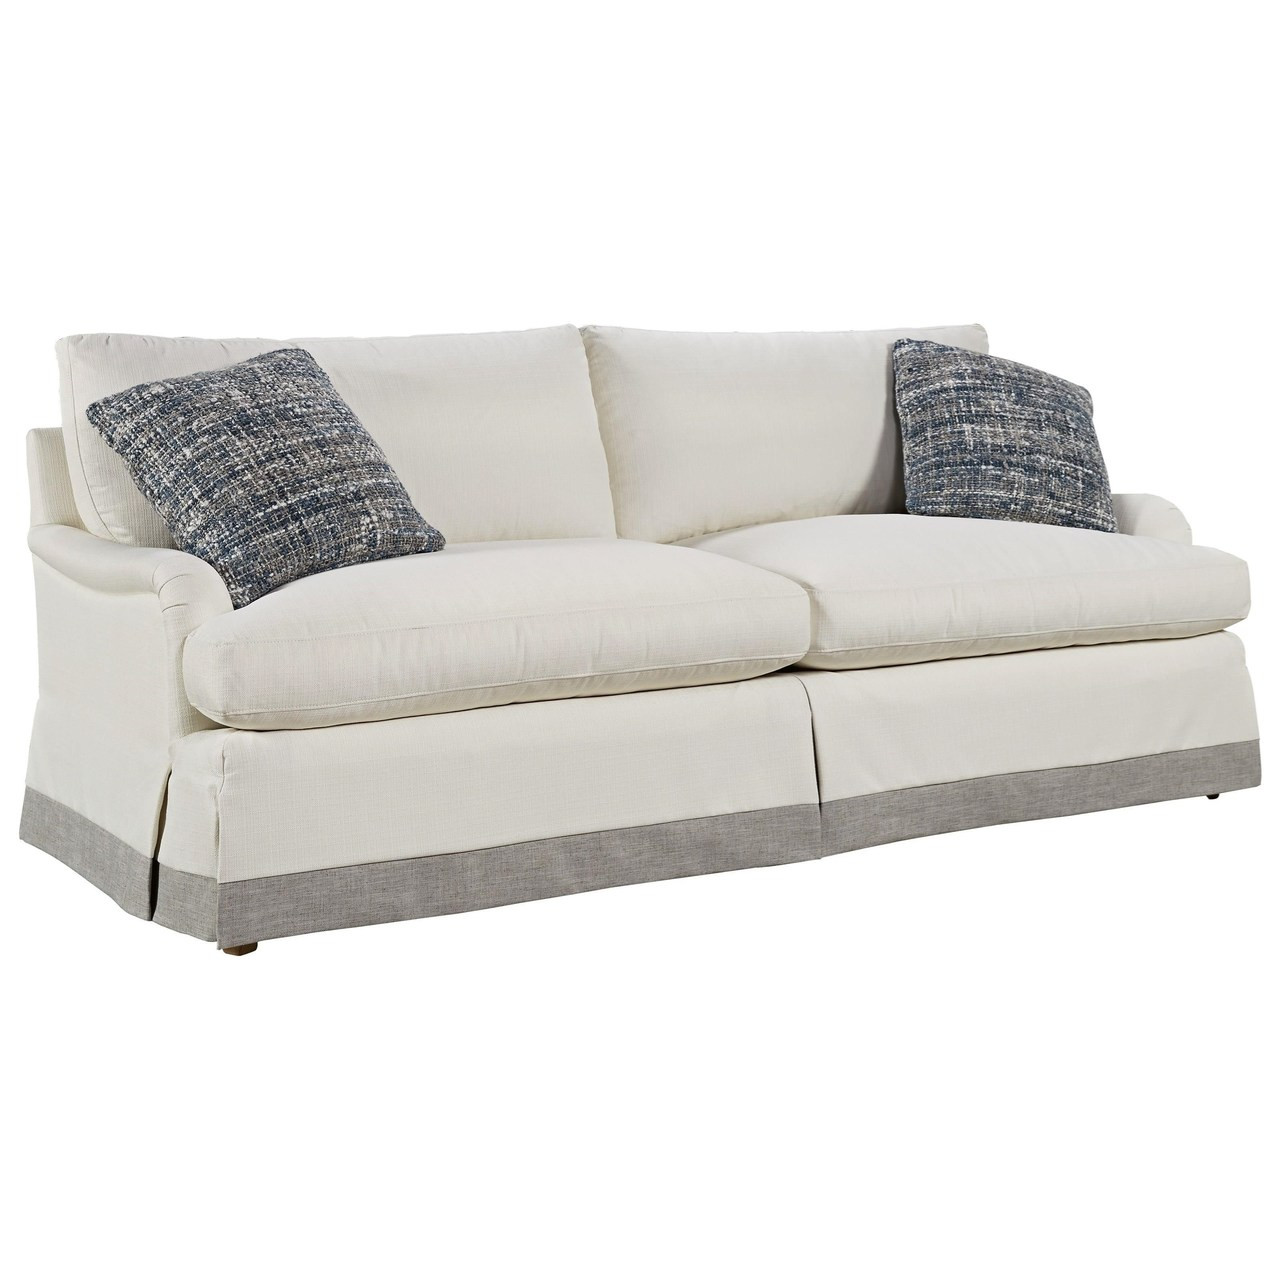 Awe Inspiring Carmichael English Rolled Arm Skirted Sofa 89 Inzonedesignstudio Interior Chair Design Inzonedesignstudiocom